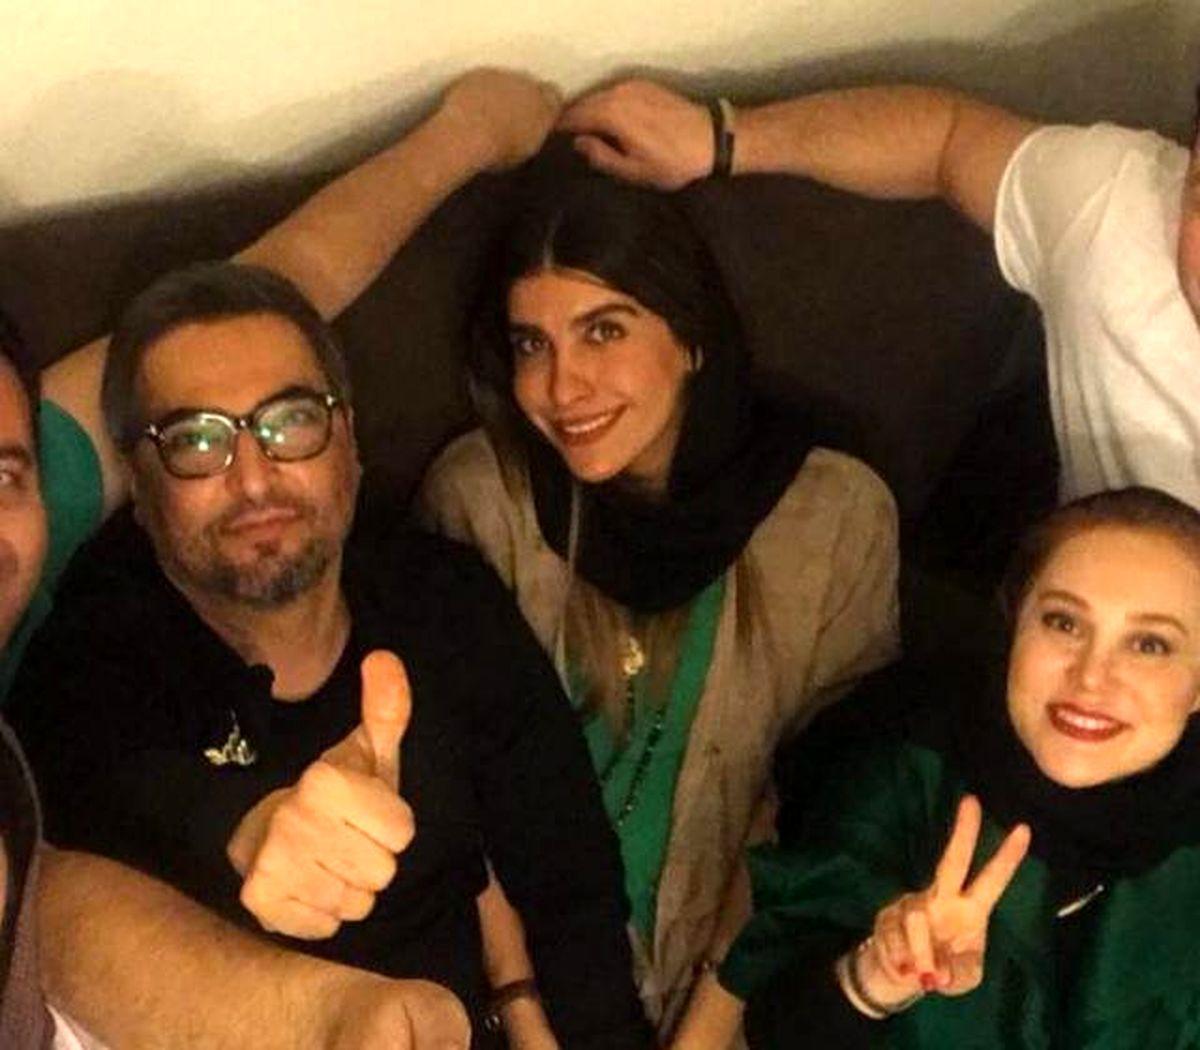 ناراحتی همسر مهرداد میناوند از پخش شدن فیلم عقدش + عکس